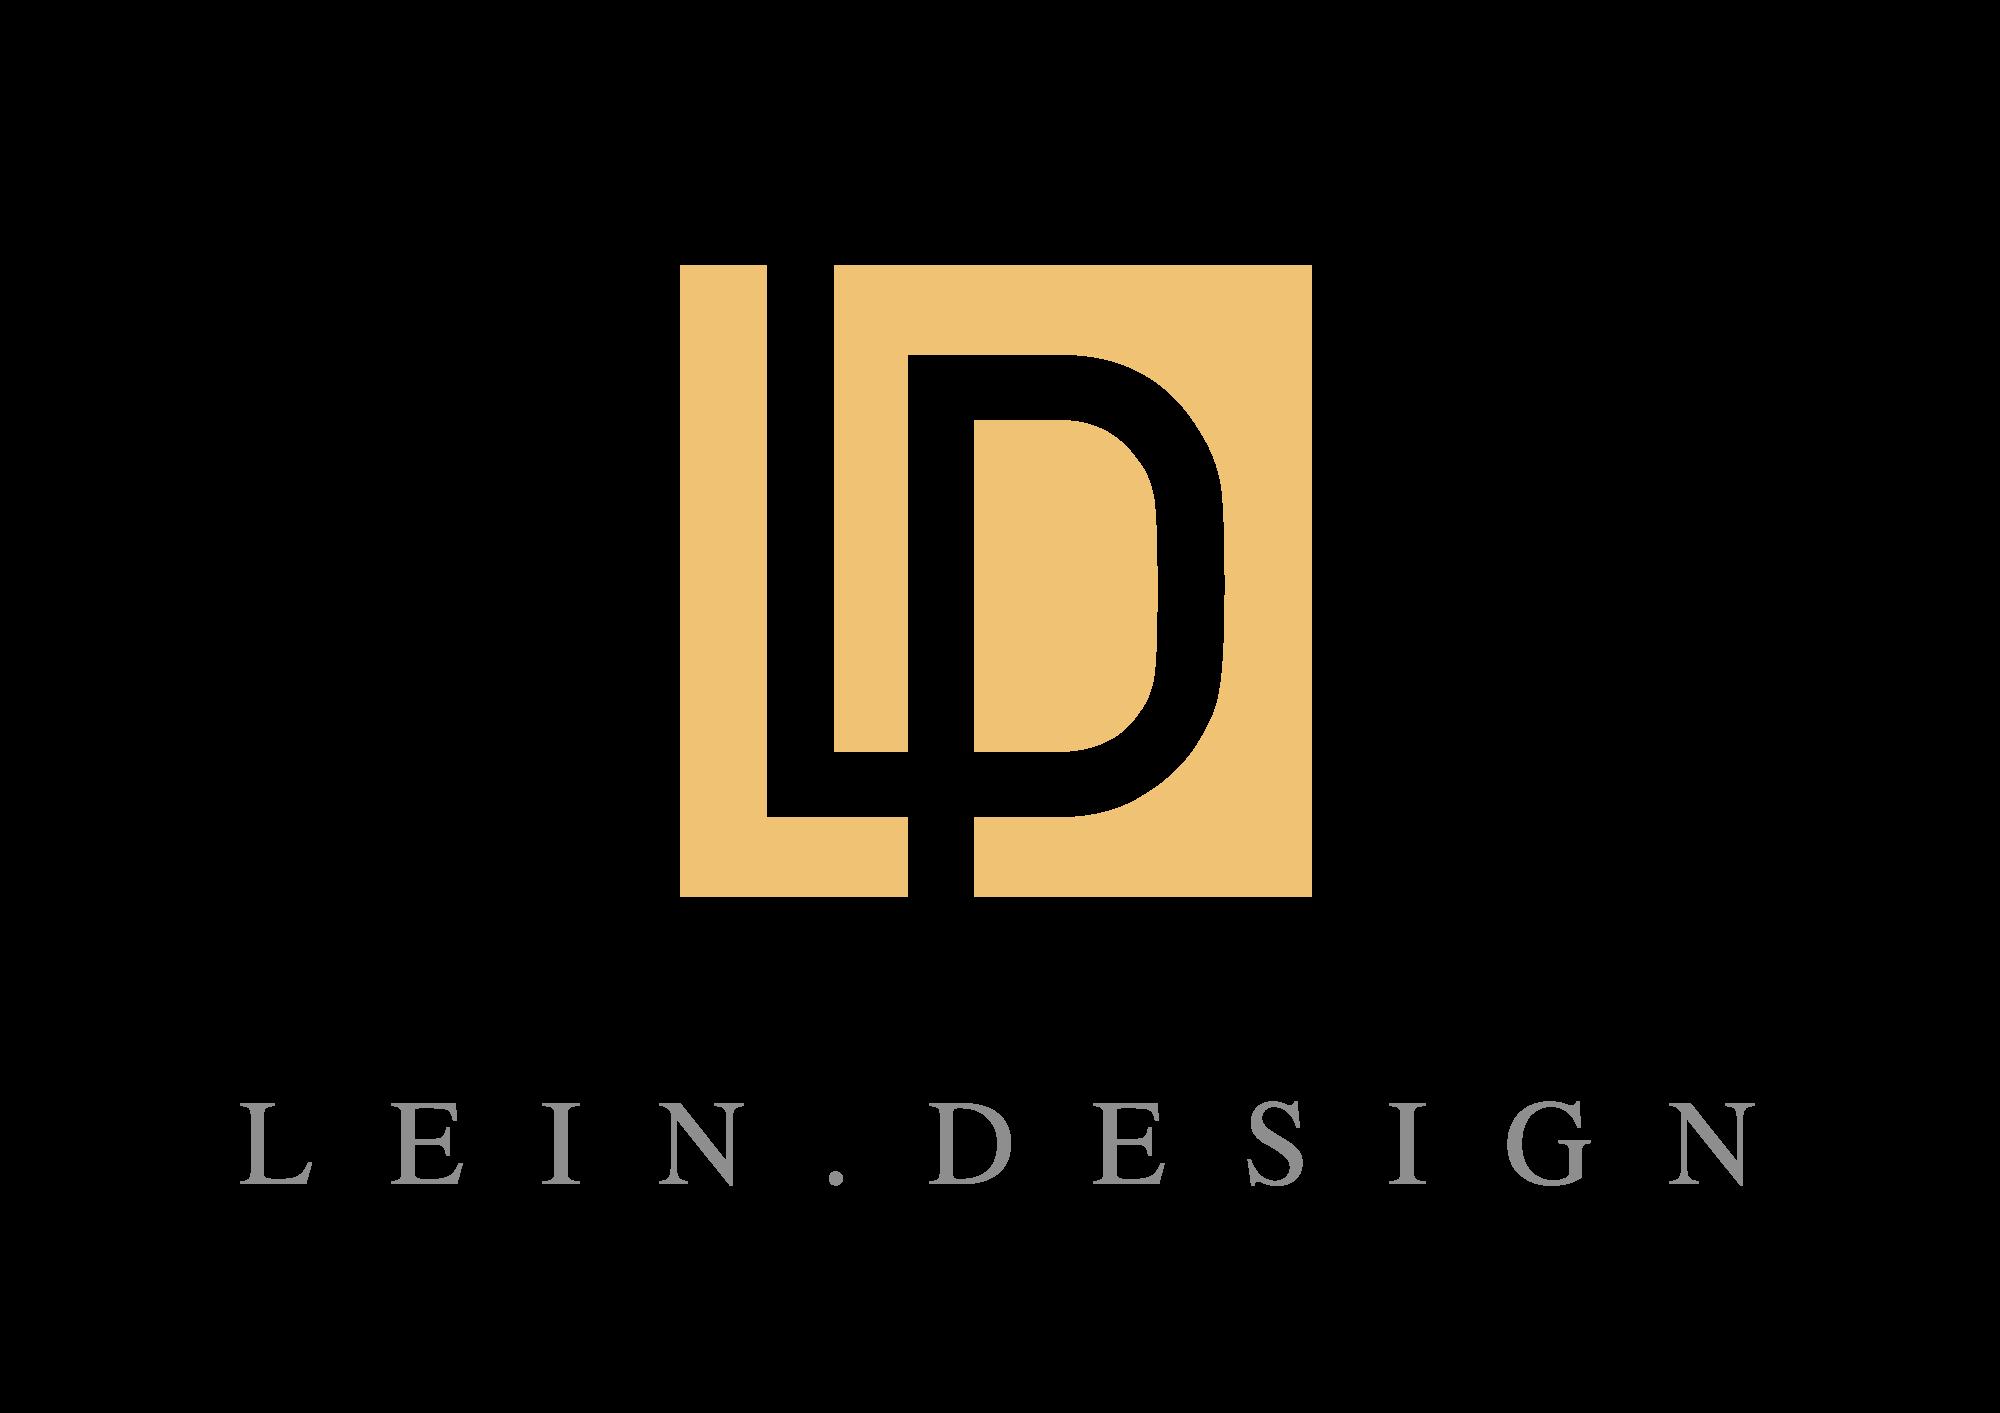 Lein interieur design, Möbelmanufaktur, Kellmünz, Memmingen